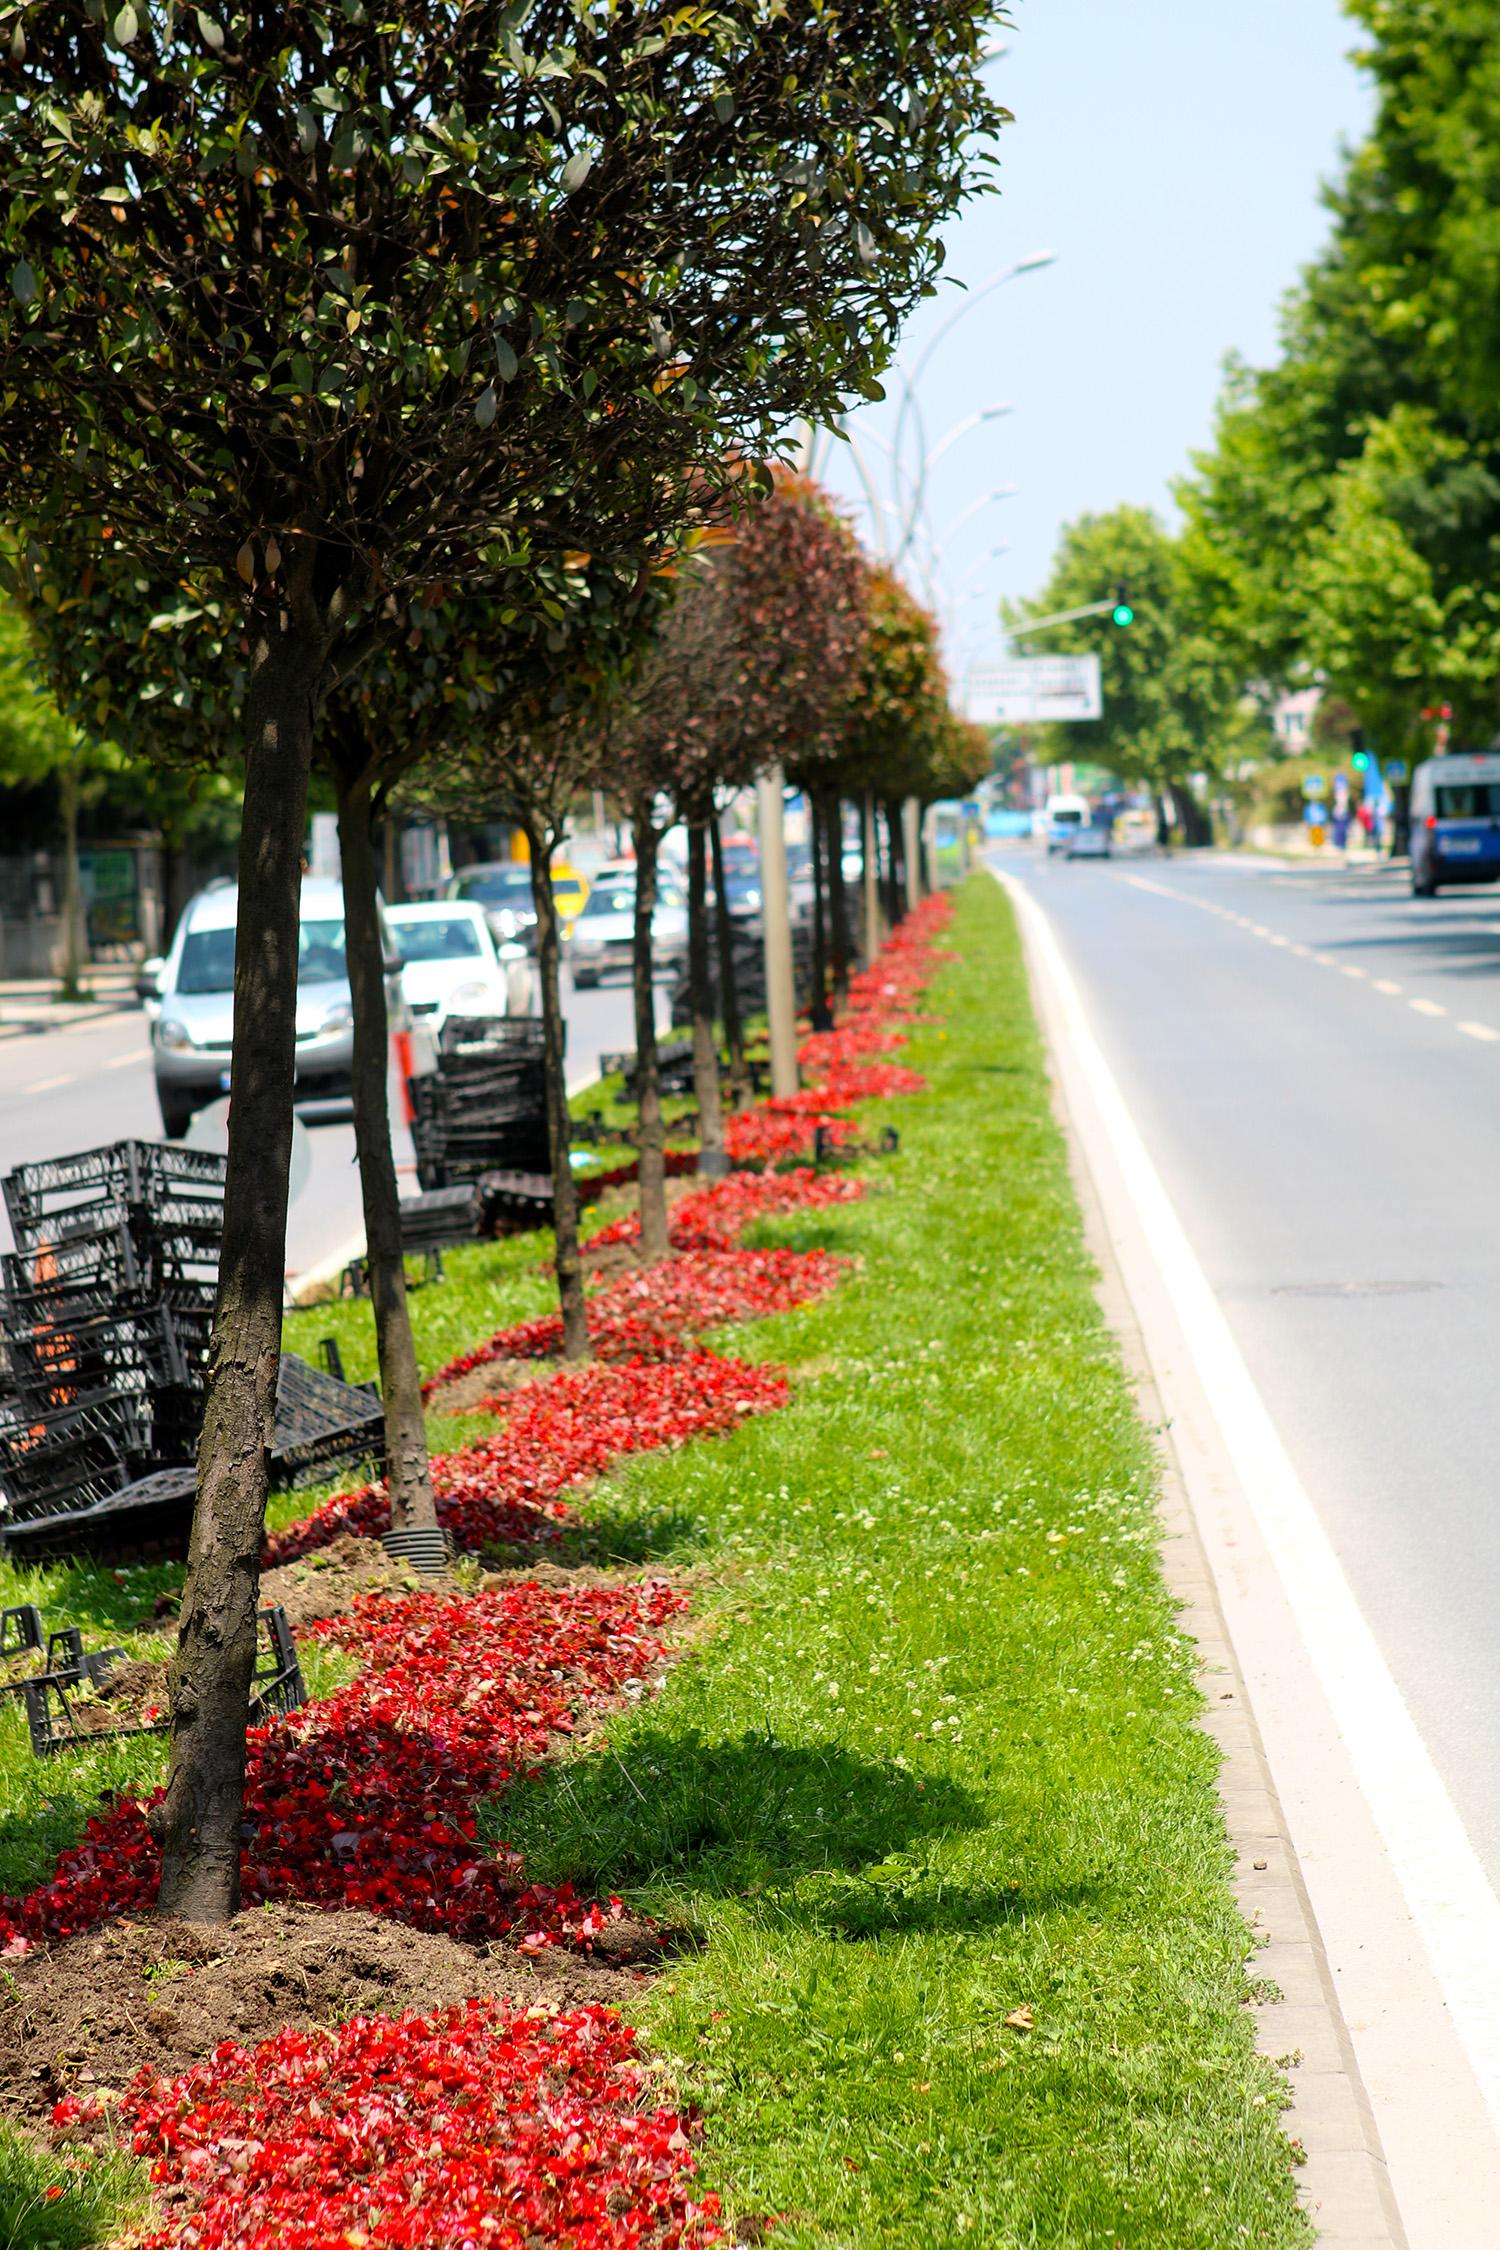 Şehir çiçek açıyor